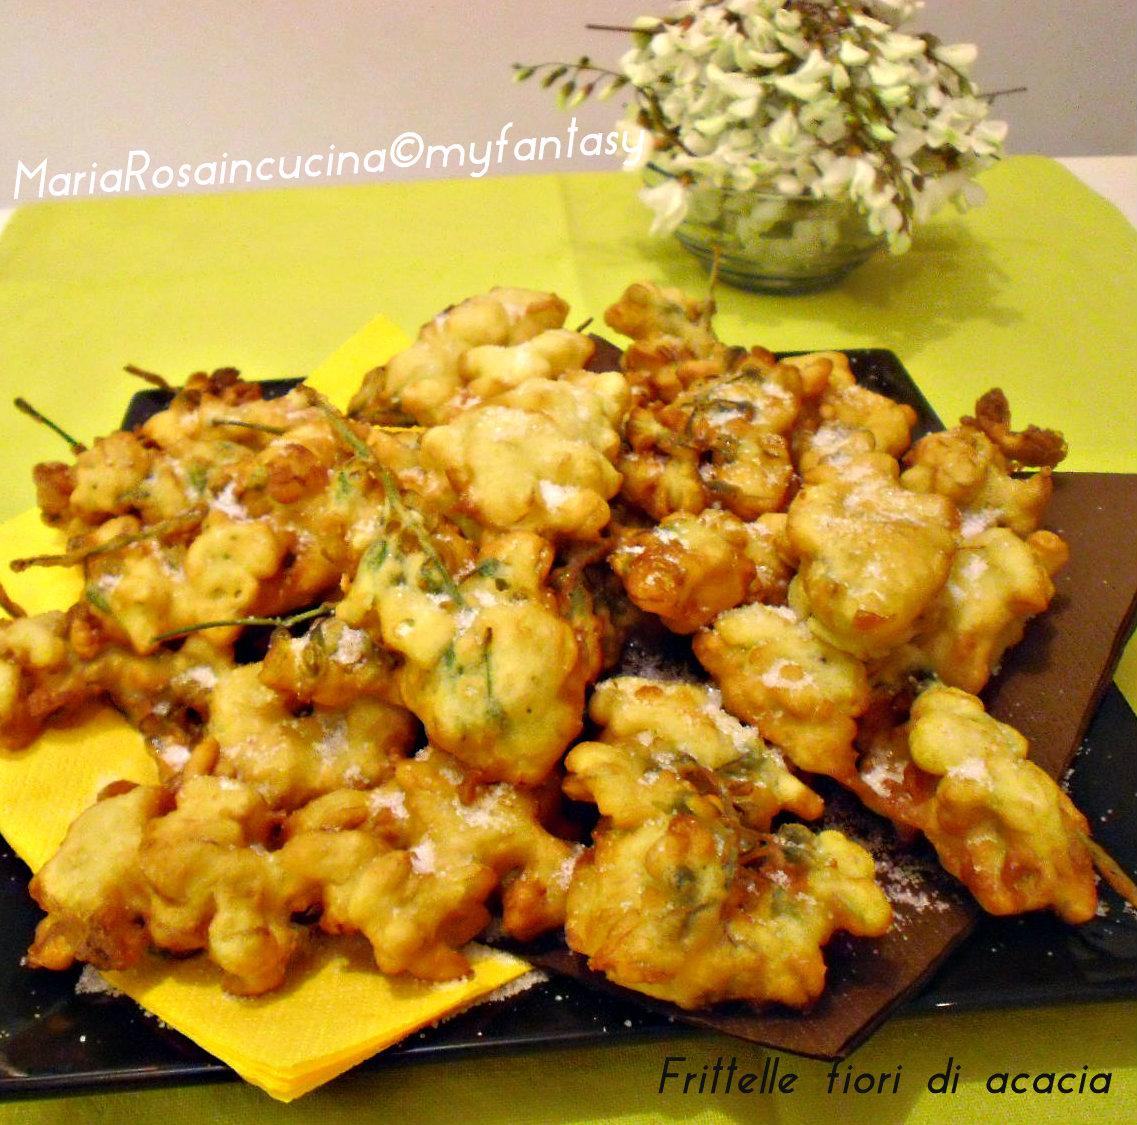 Frittelle con fiori di acacia for Fiori bianchi profumati a grappolo